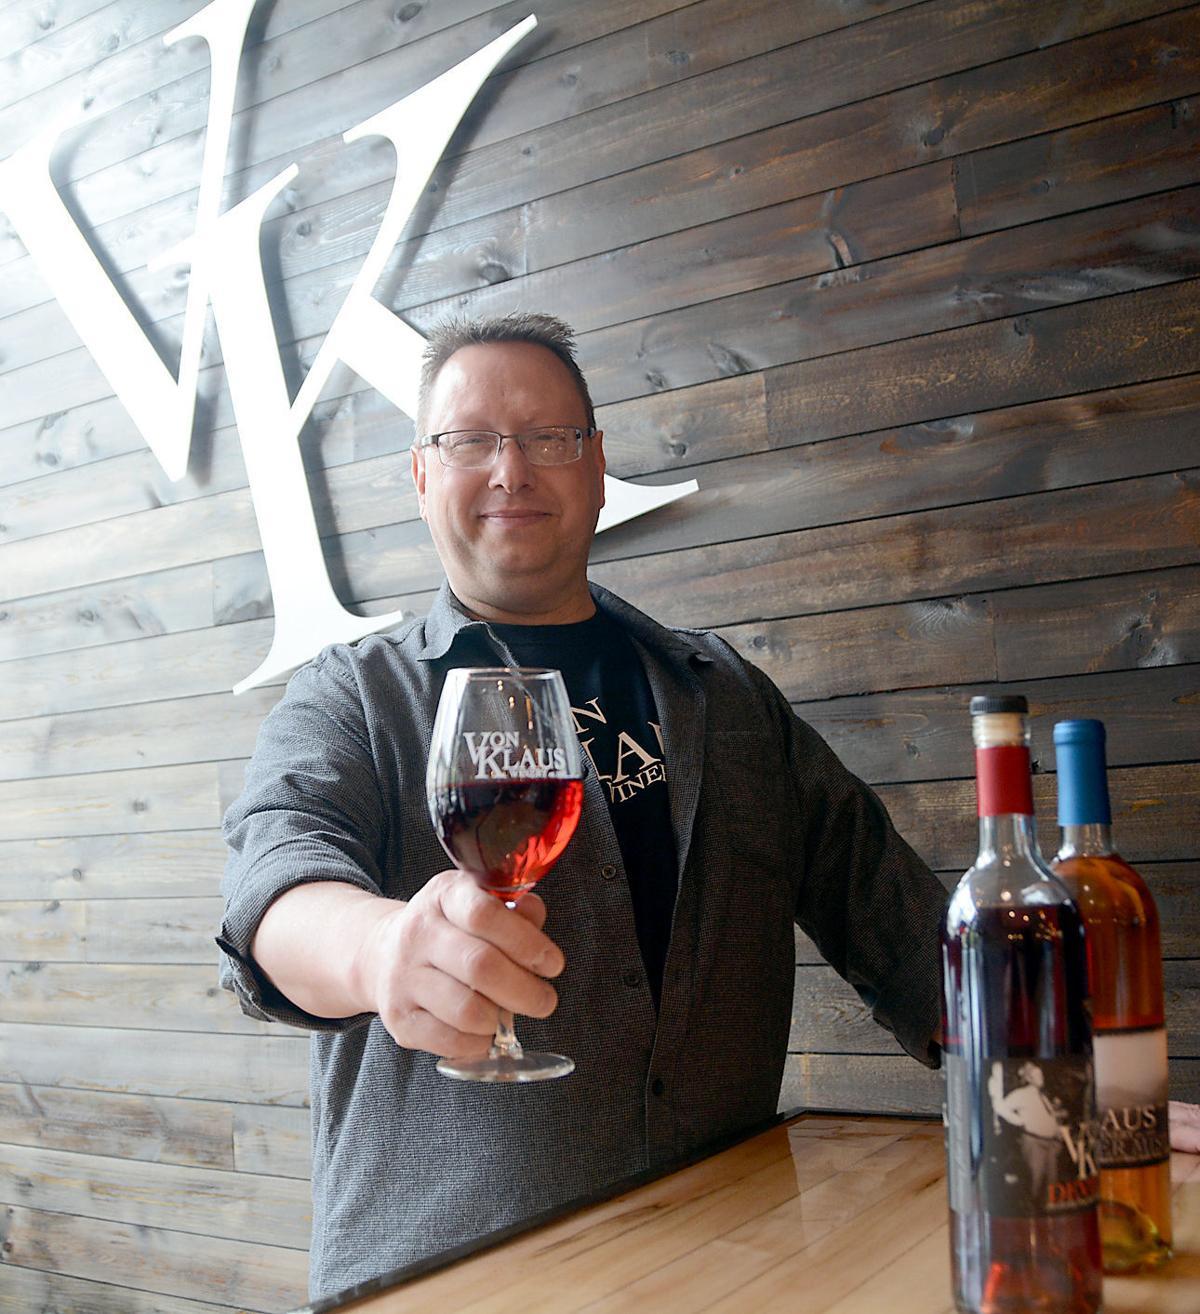 Von Klaus Winery tasting haus